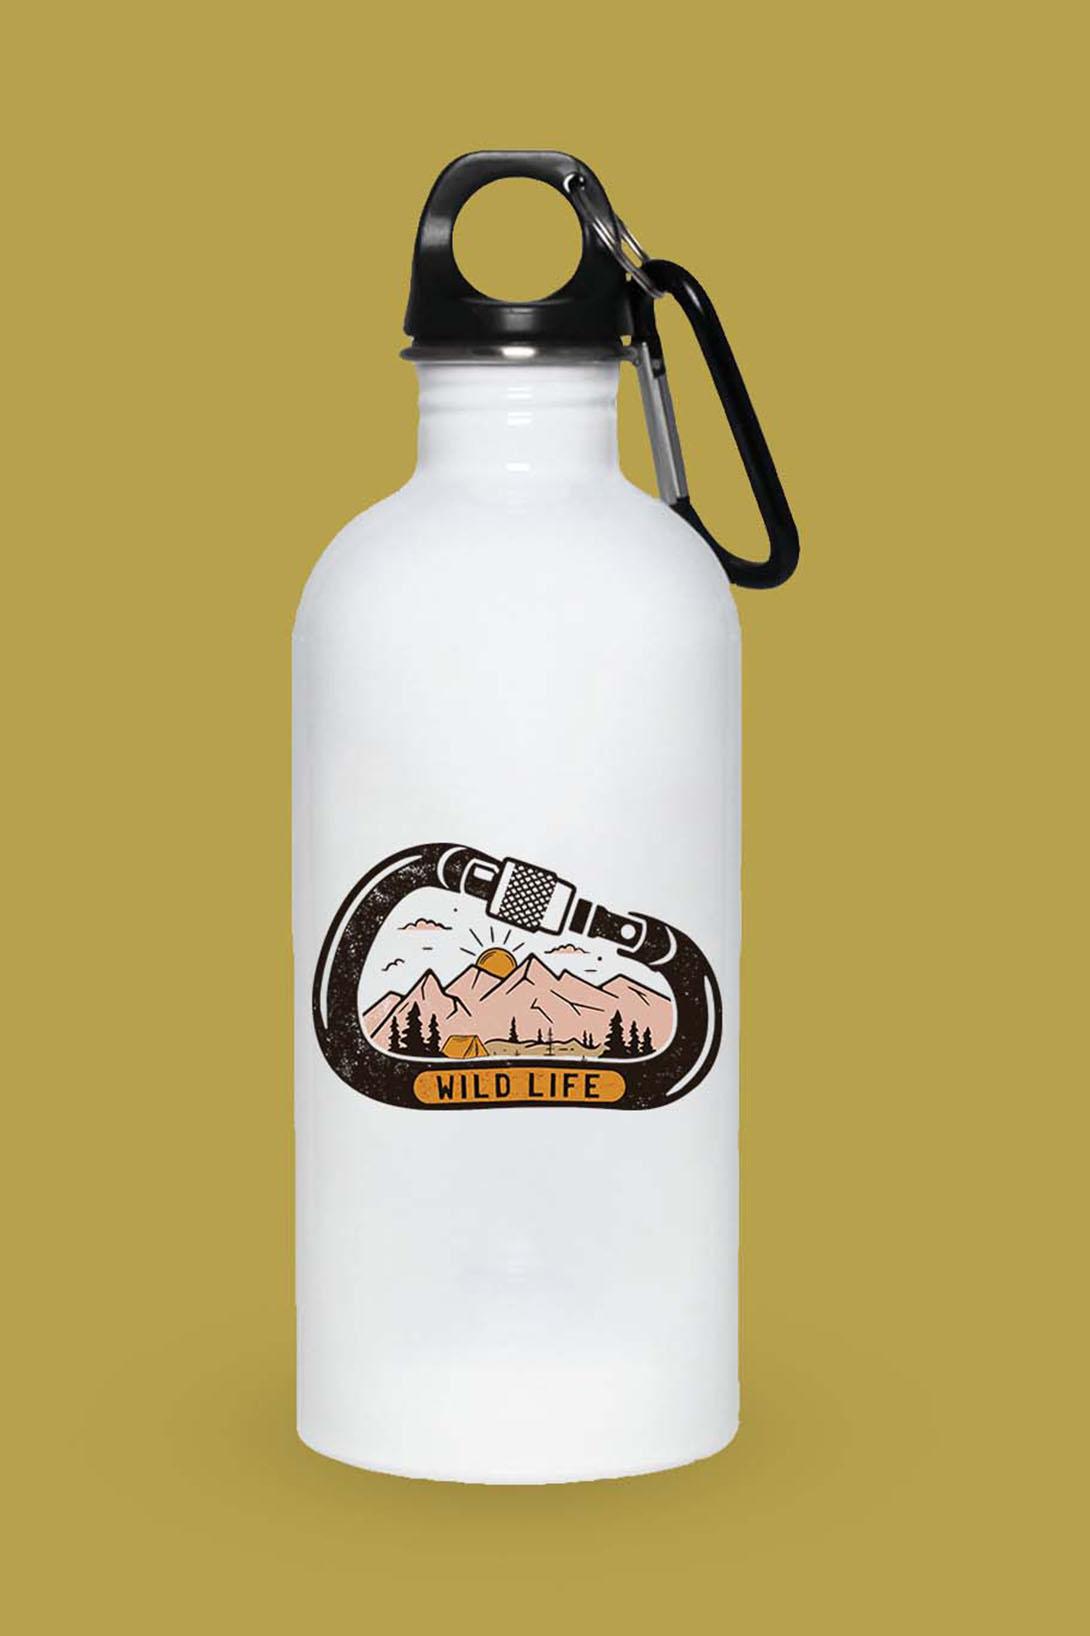 MMO Turistická fľaška Wild Life Objem fľaše: 400 ml